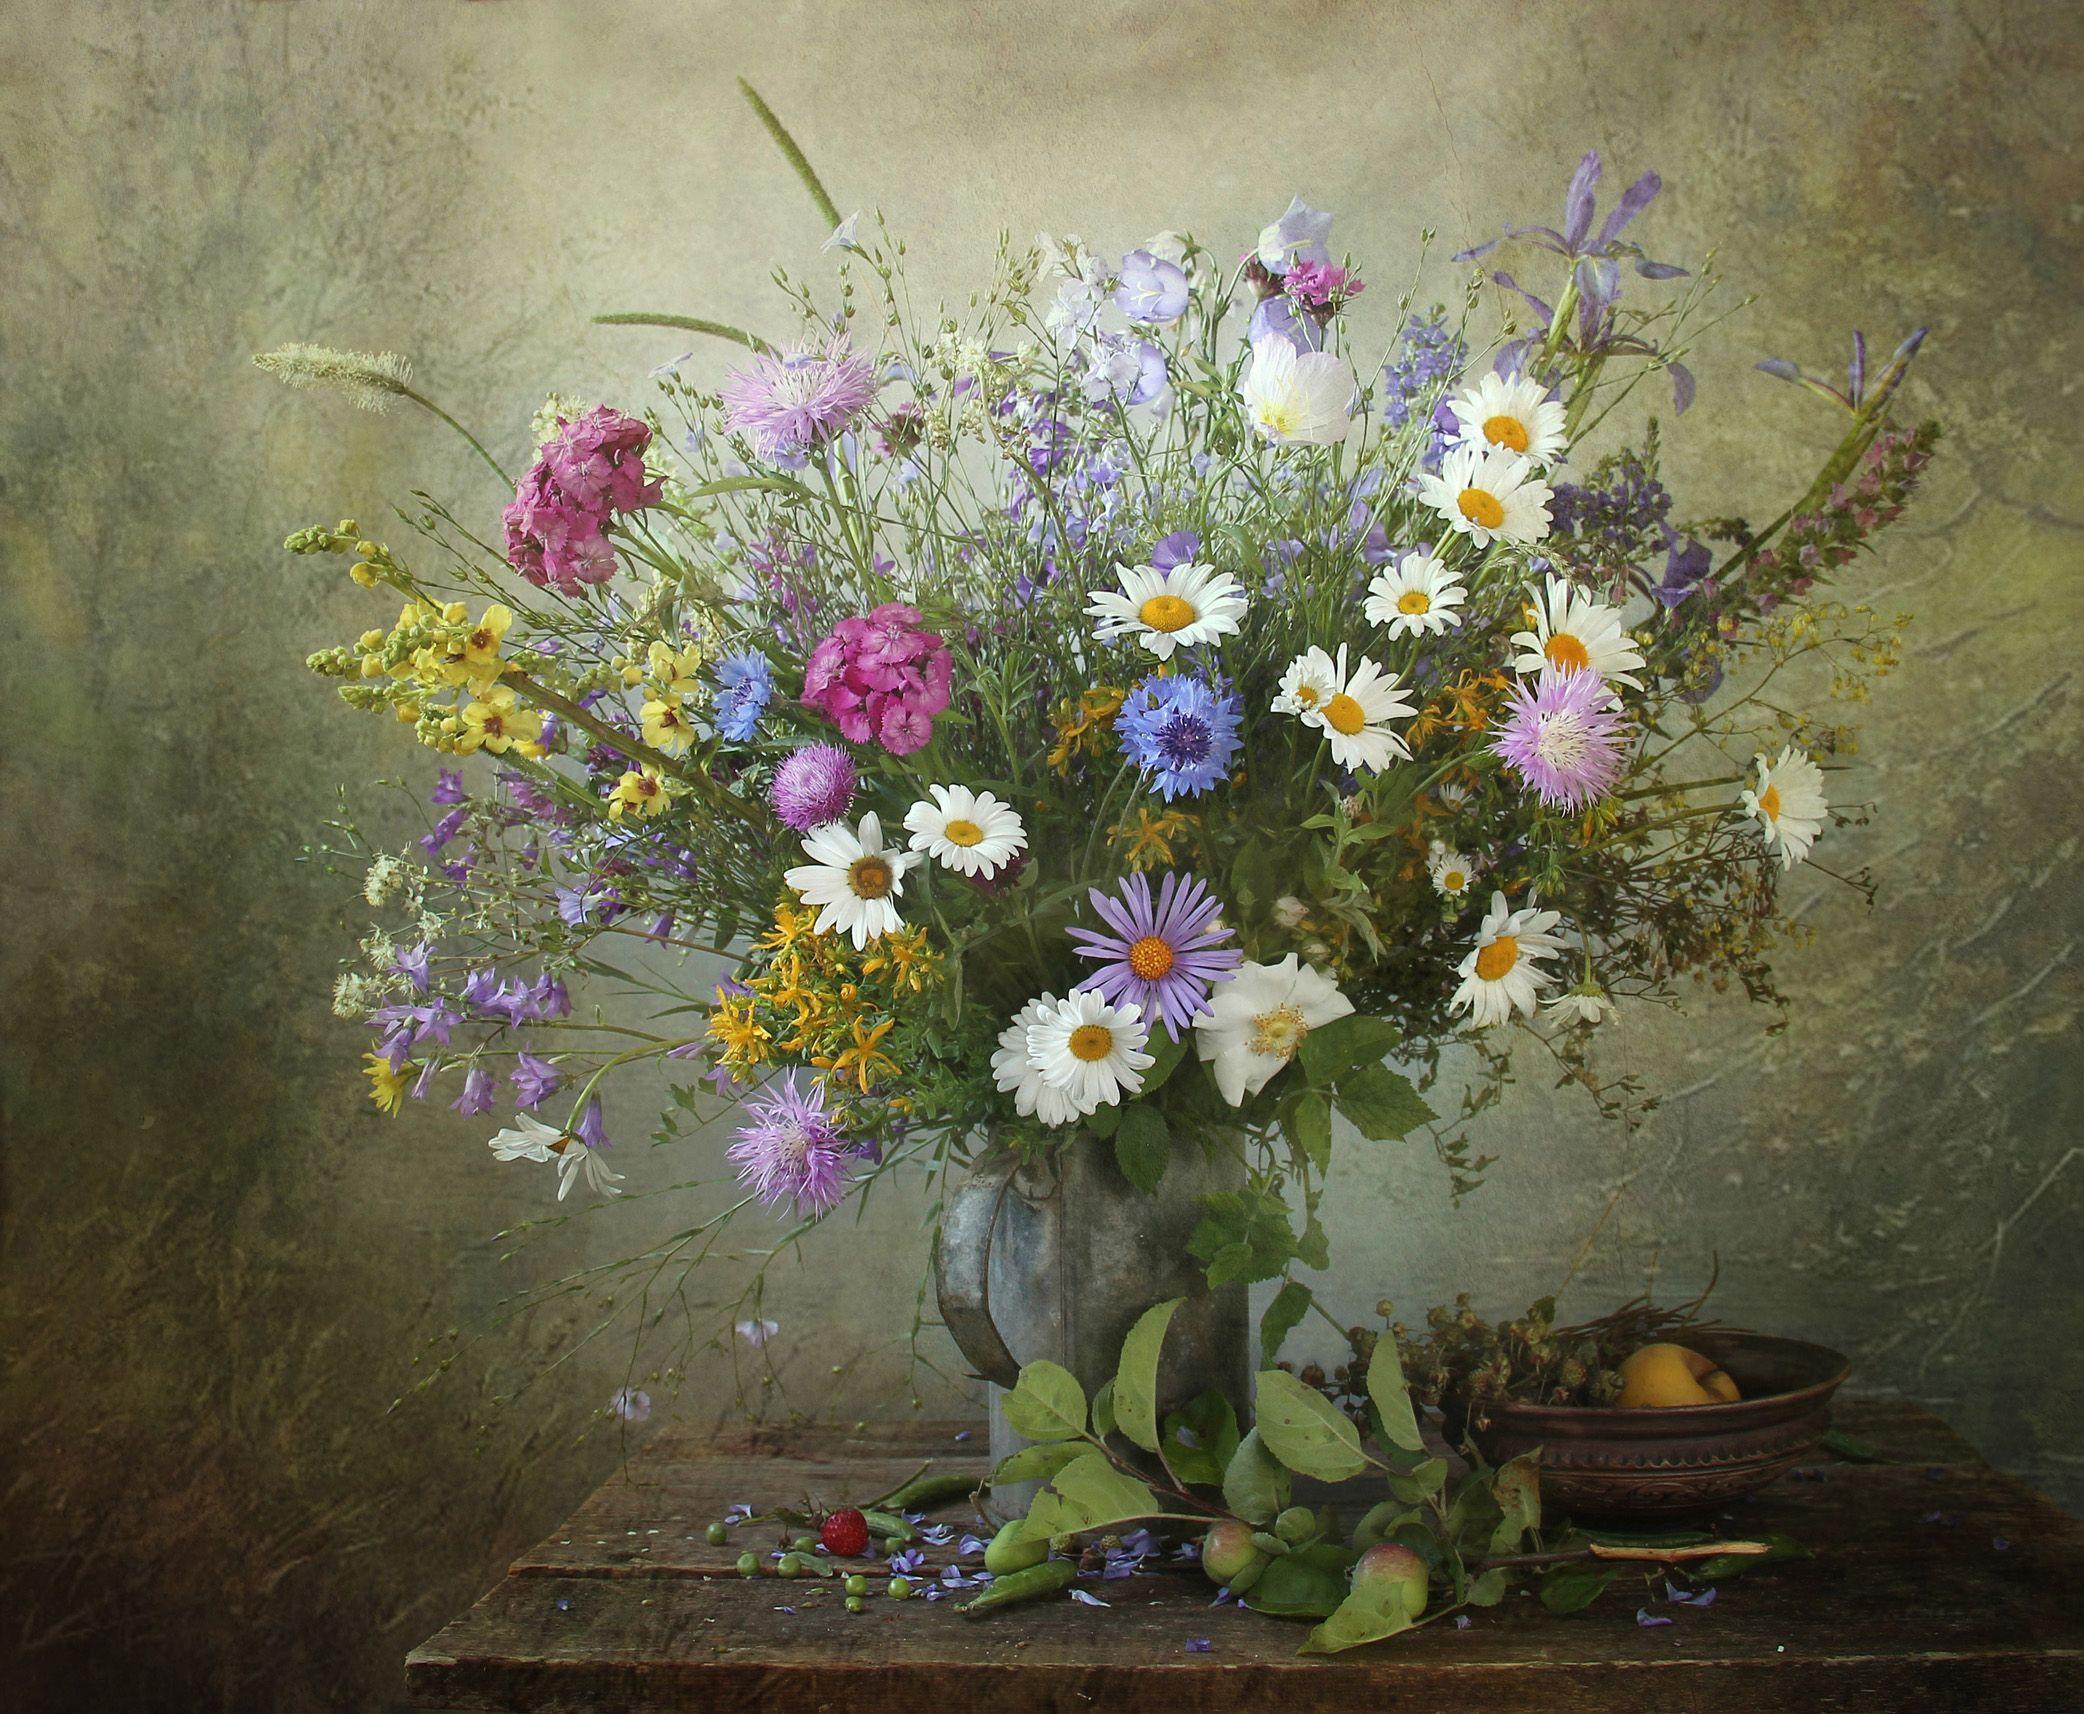 светловолосый картинки натюрморты с полевыми цветами местах, где